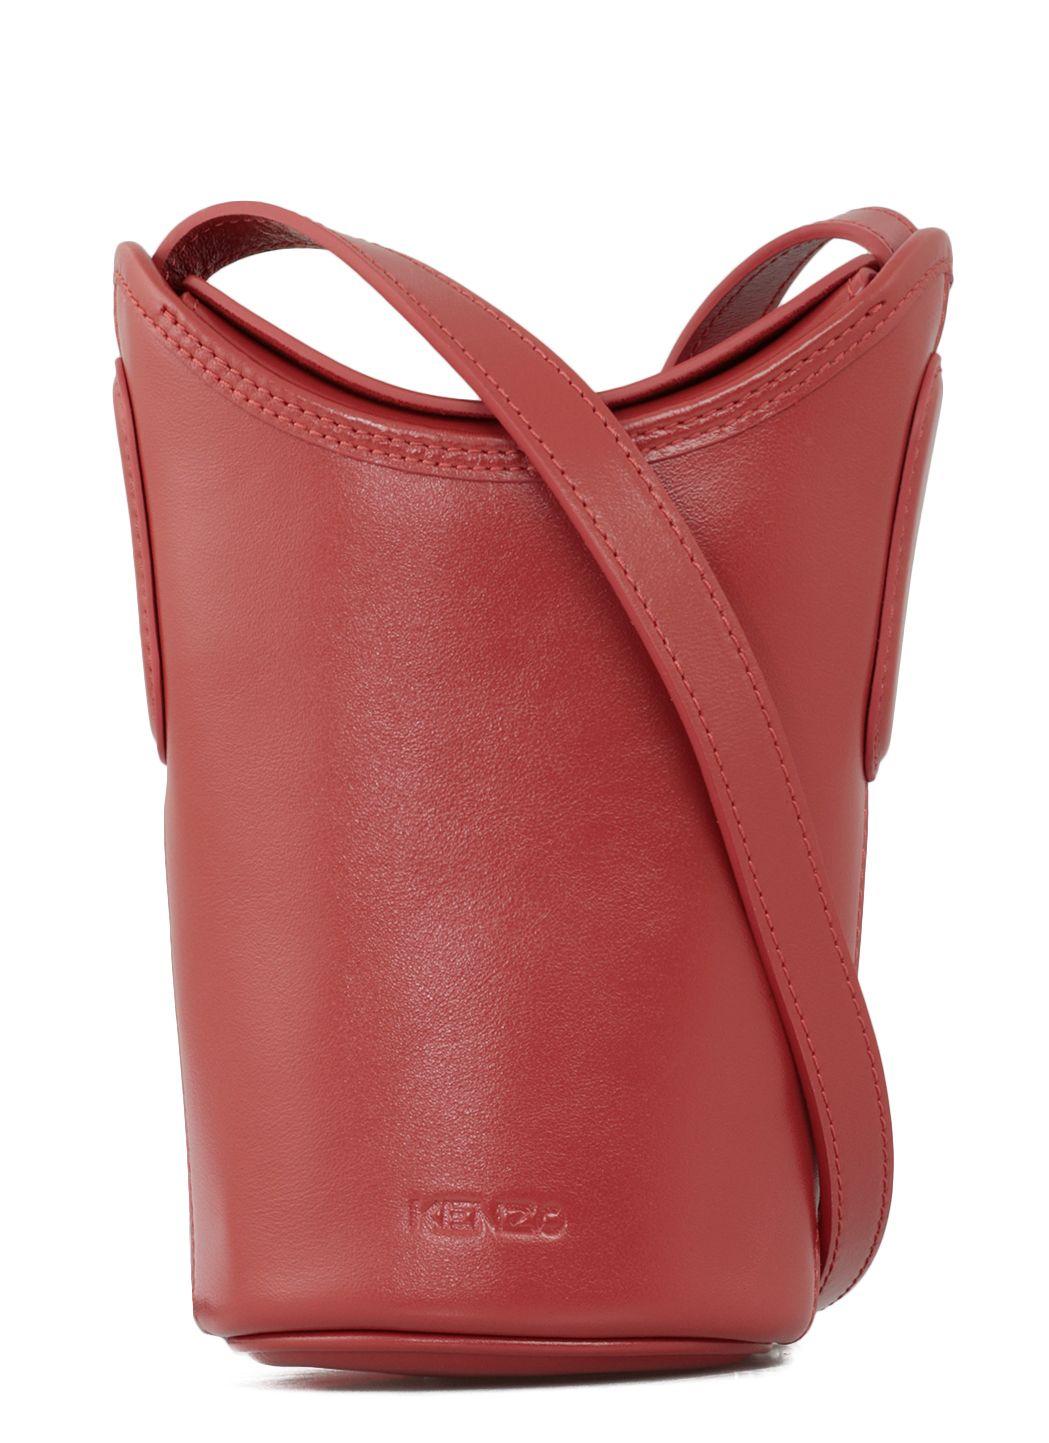 Kenzo Onda bucket bag